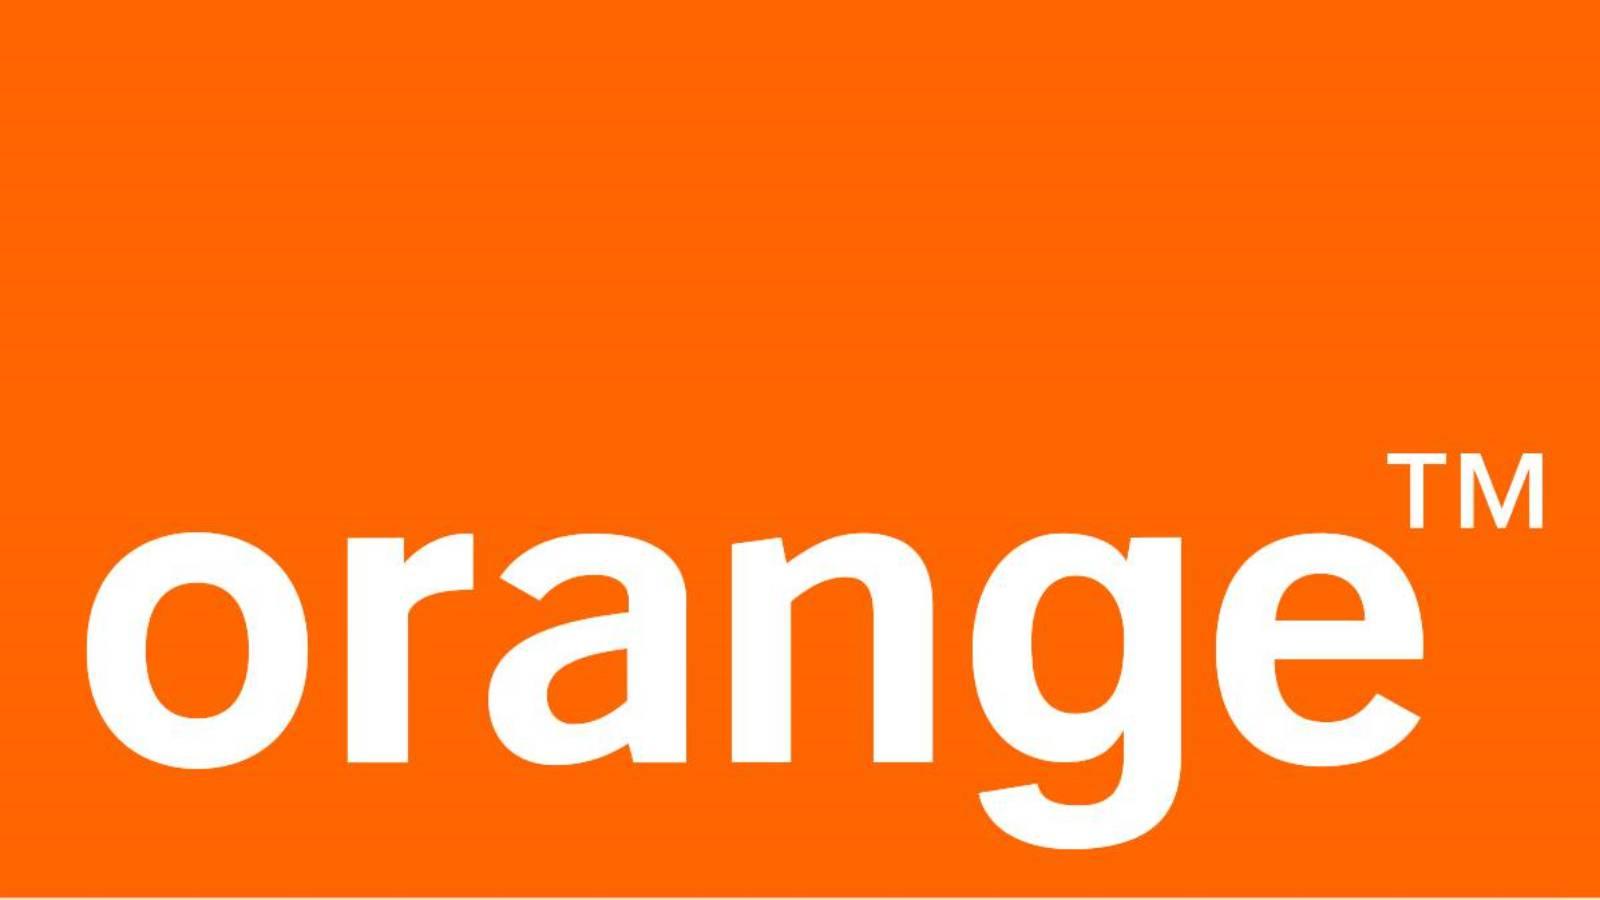 Orange premiu